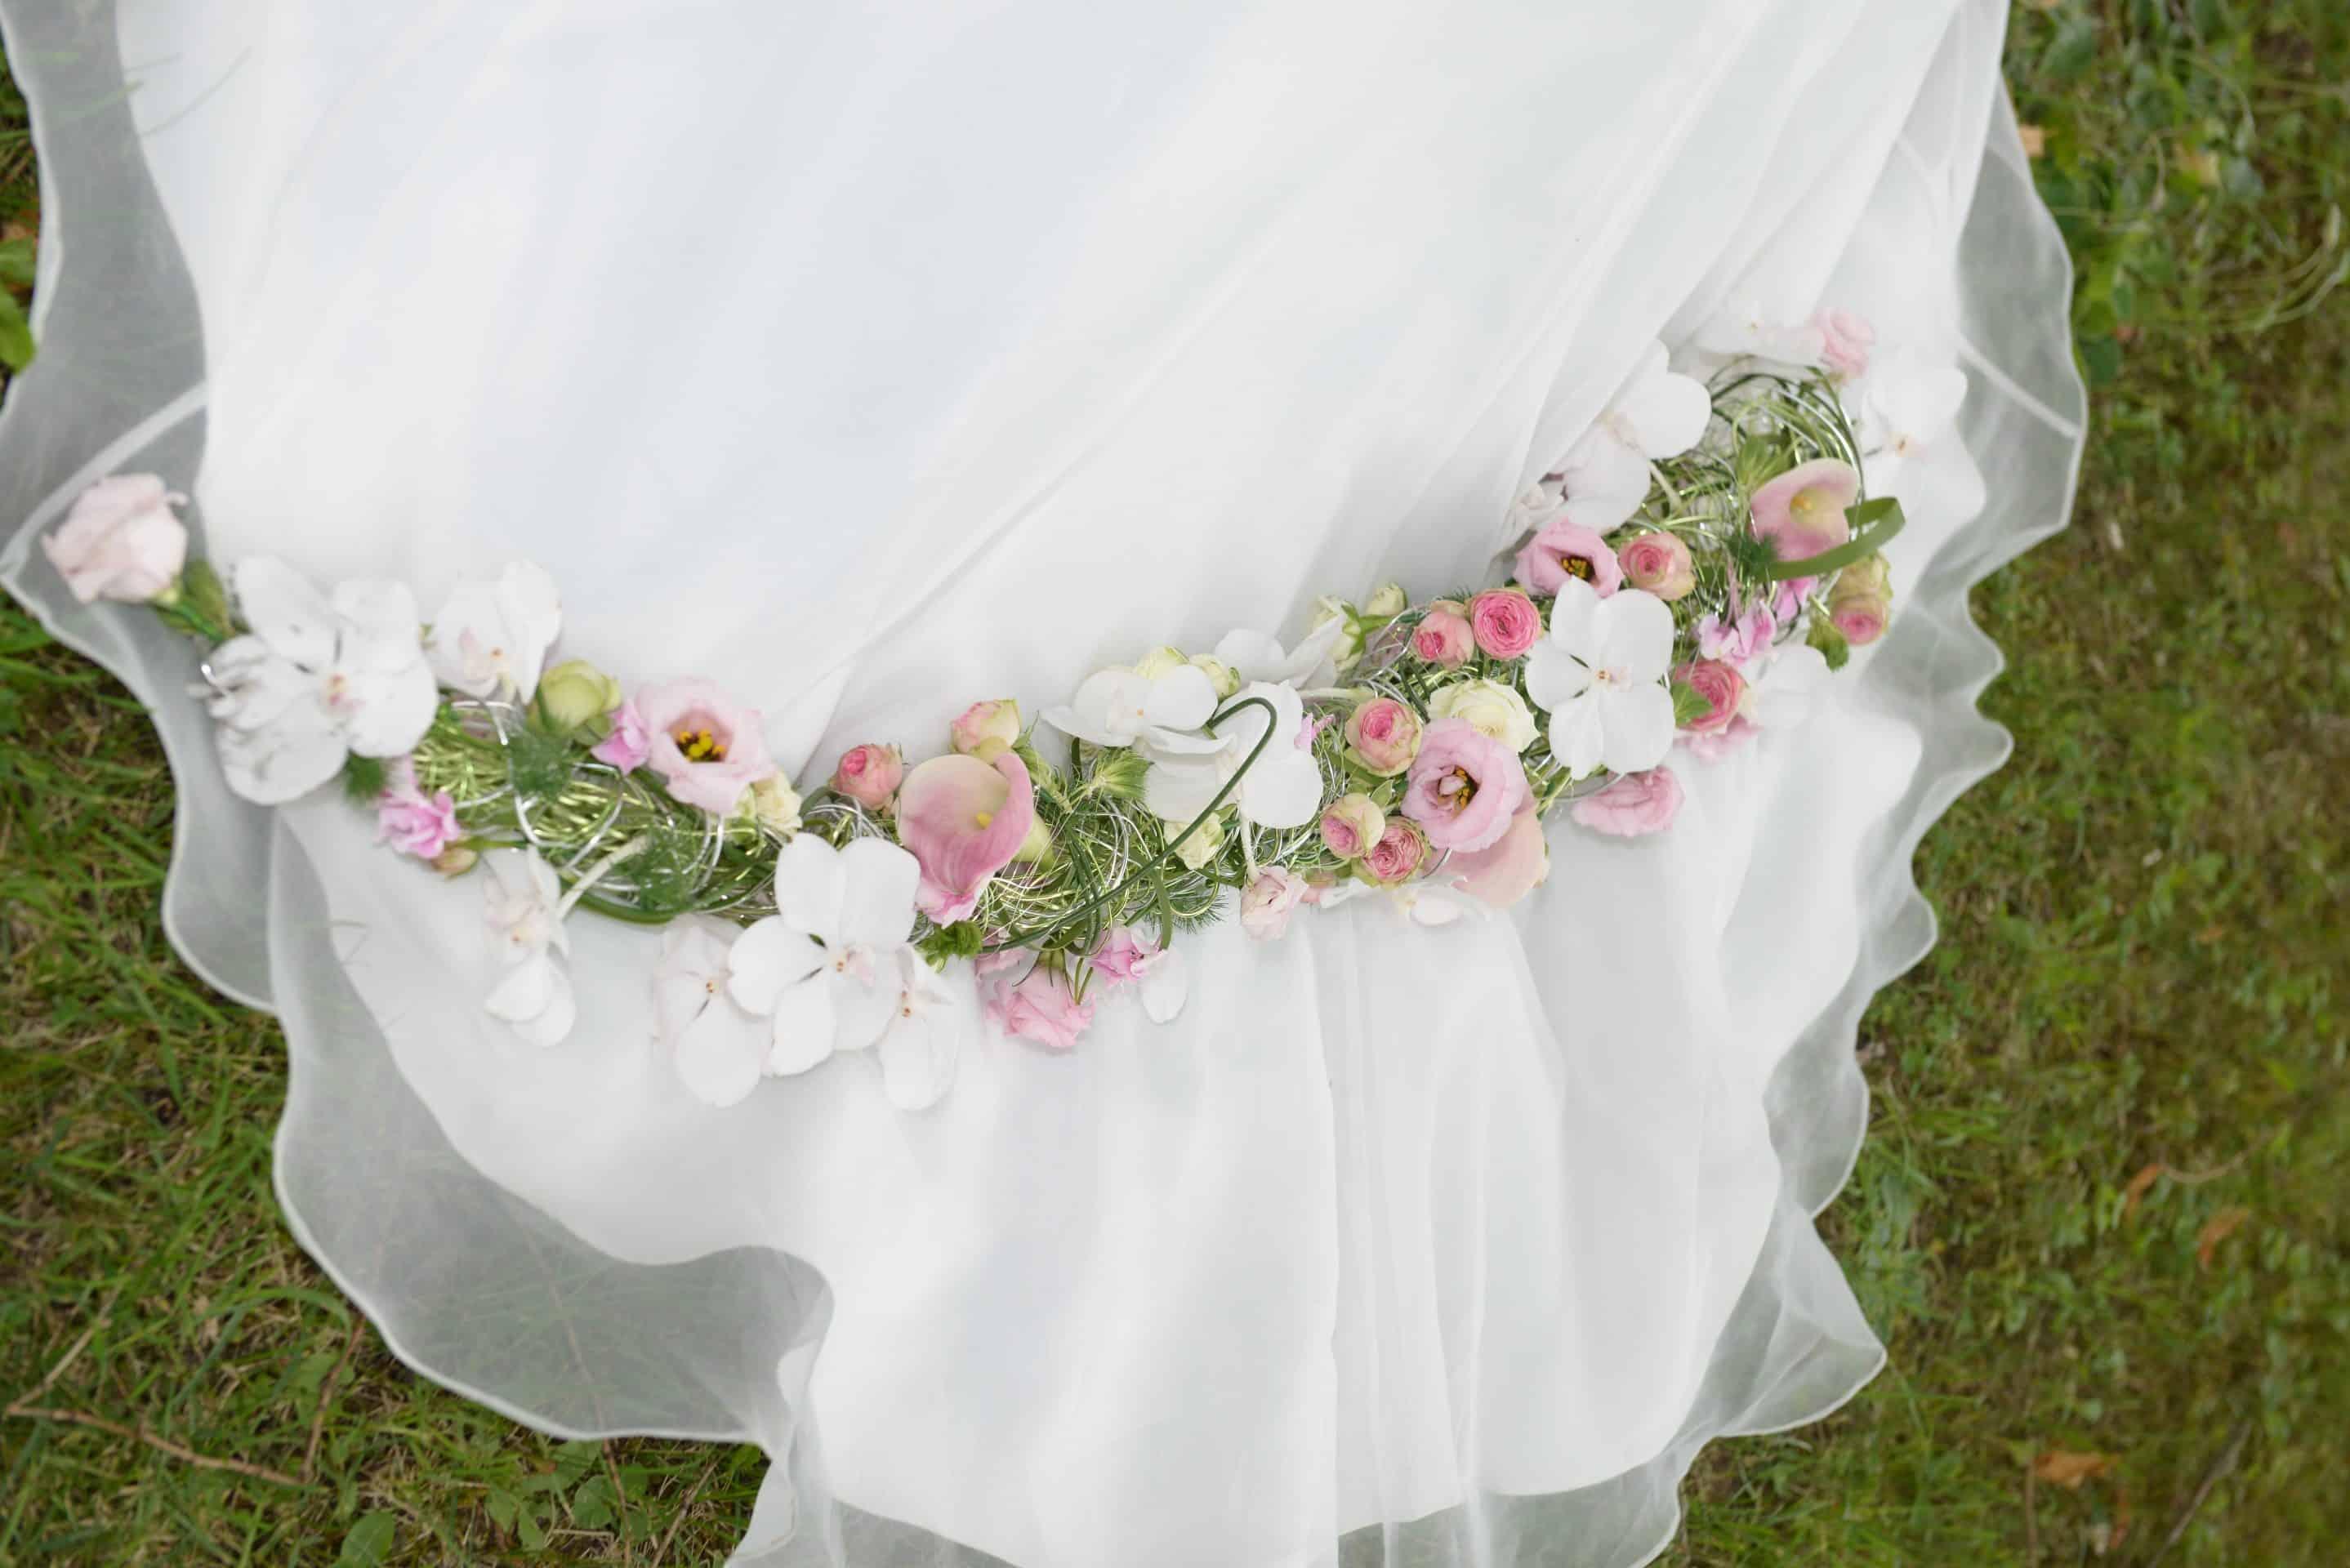 Blumen-Luz Altensteig Hochzeit Nadja und Tobias 01 (14)